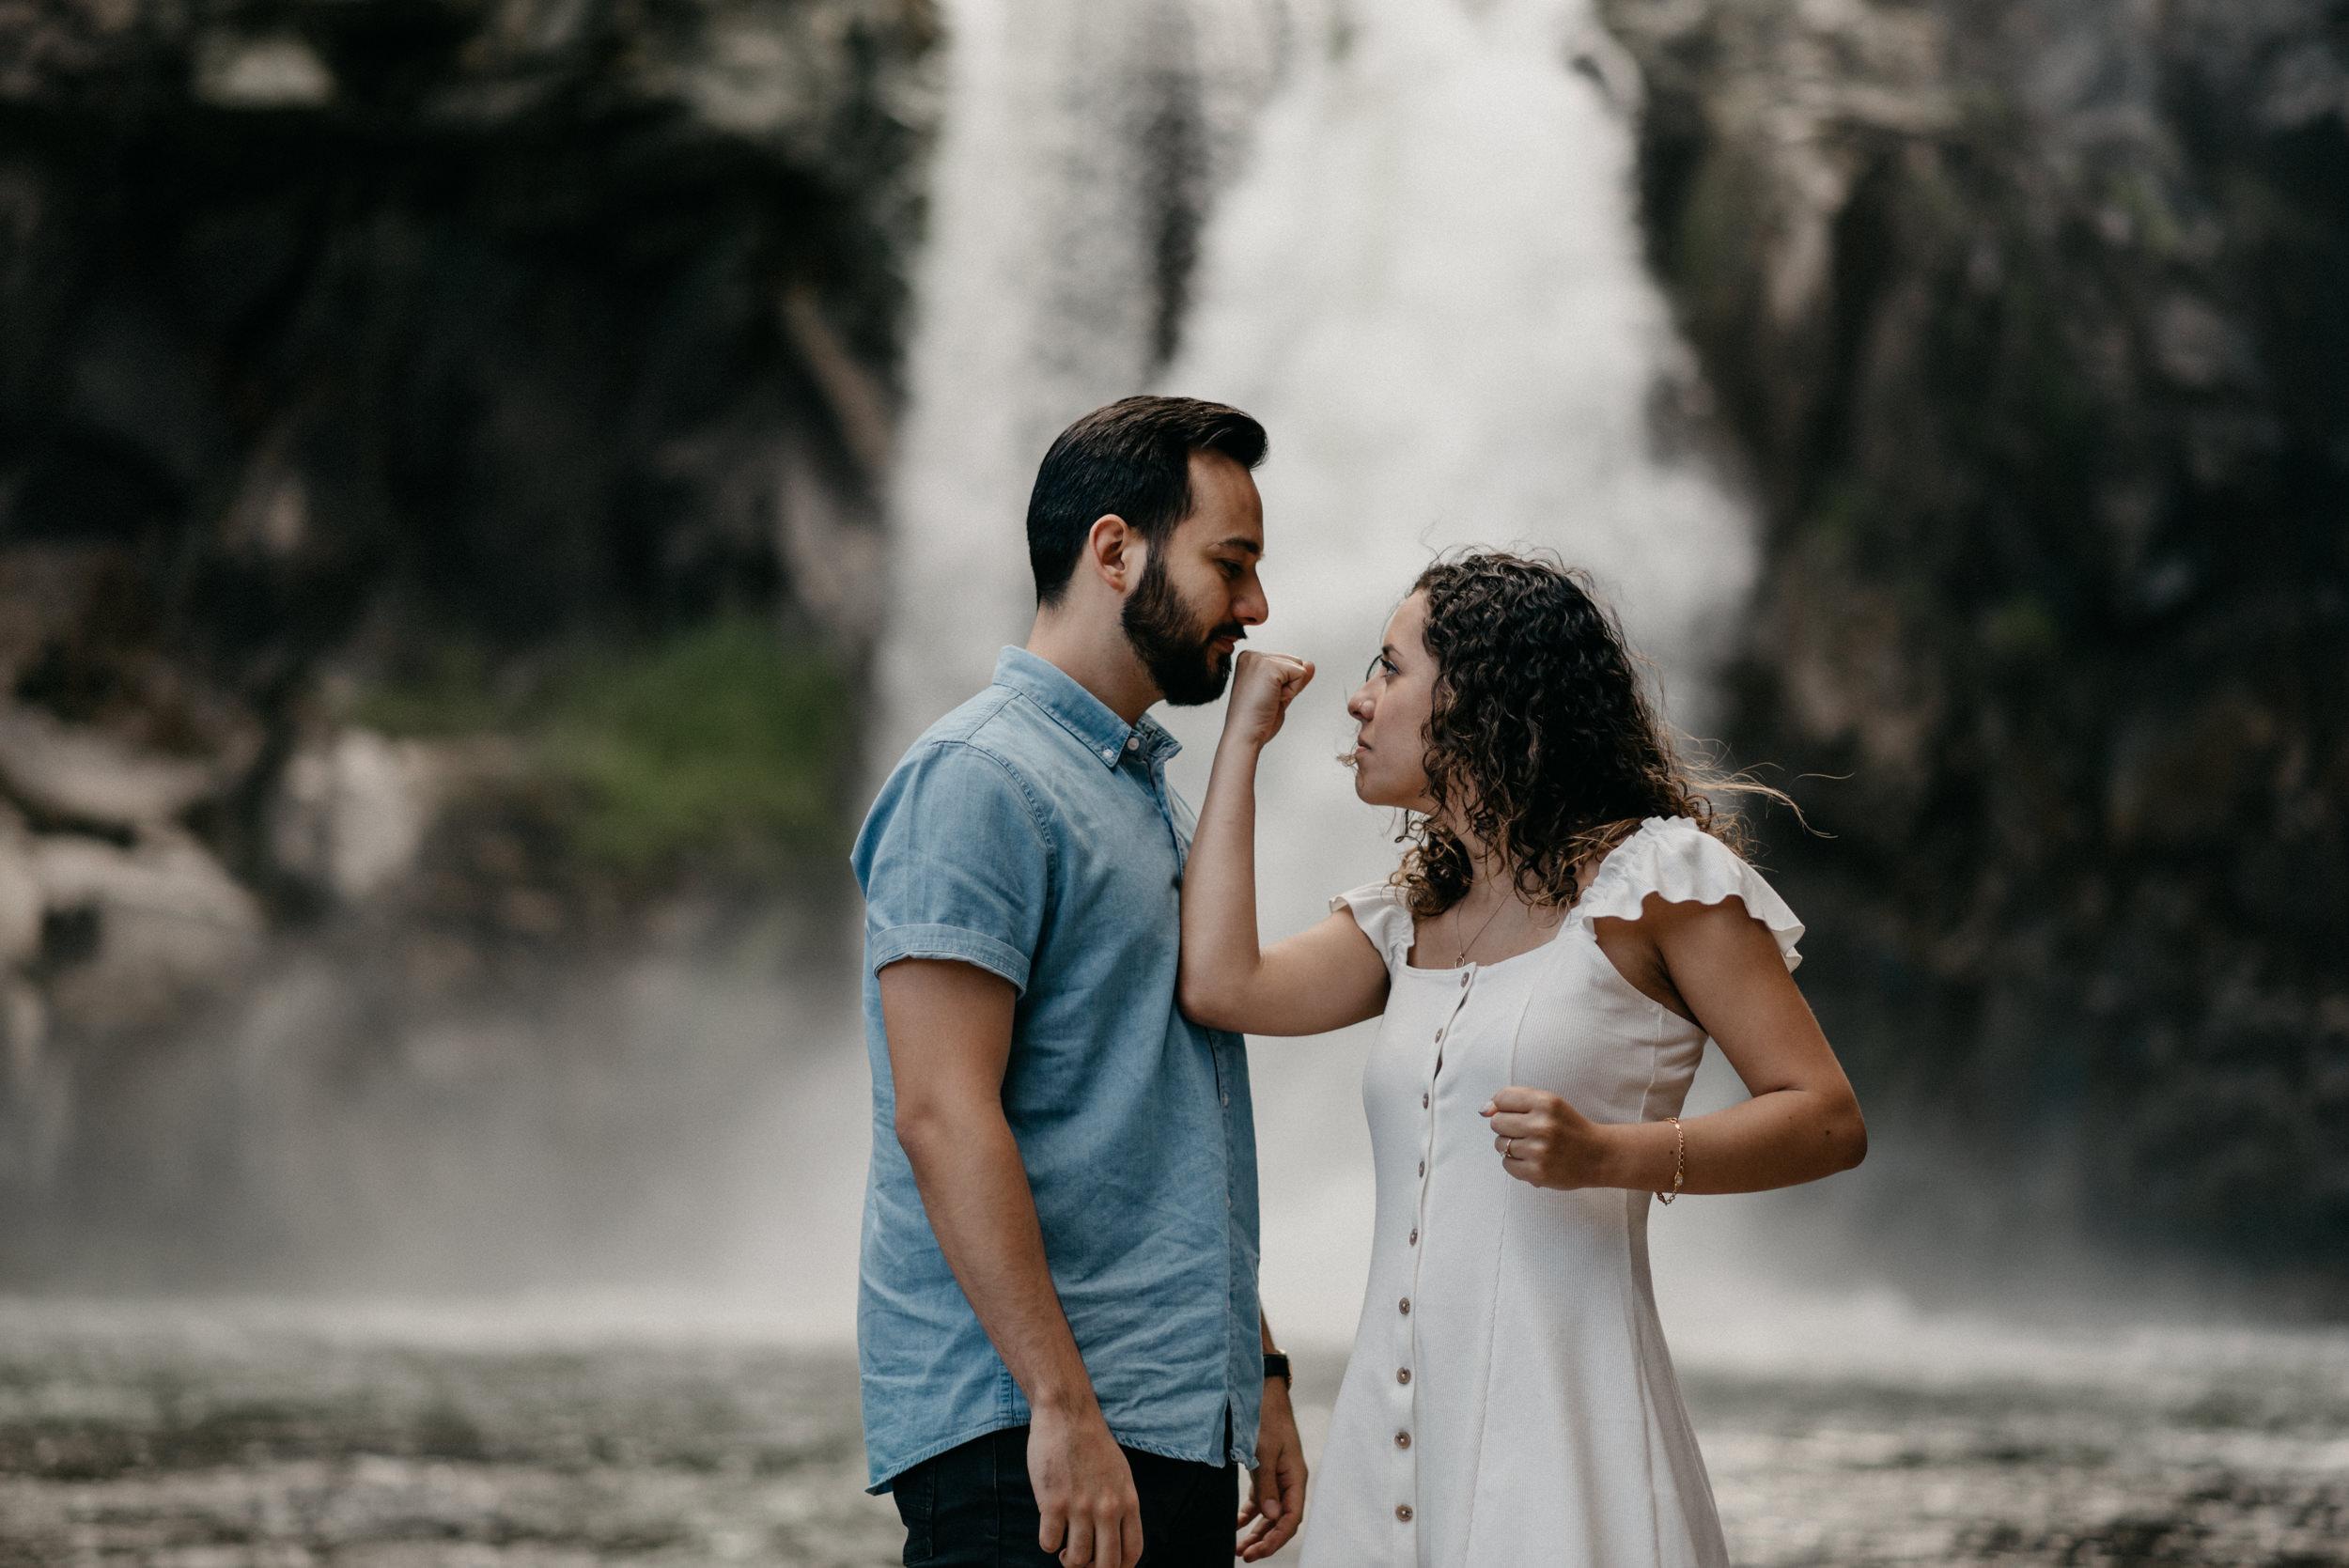 25-White-river-falls-state-park-engagement-5749.jpg